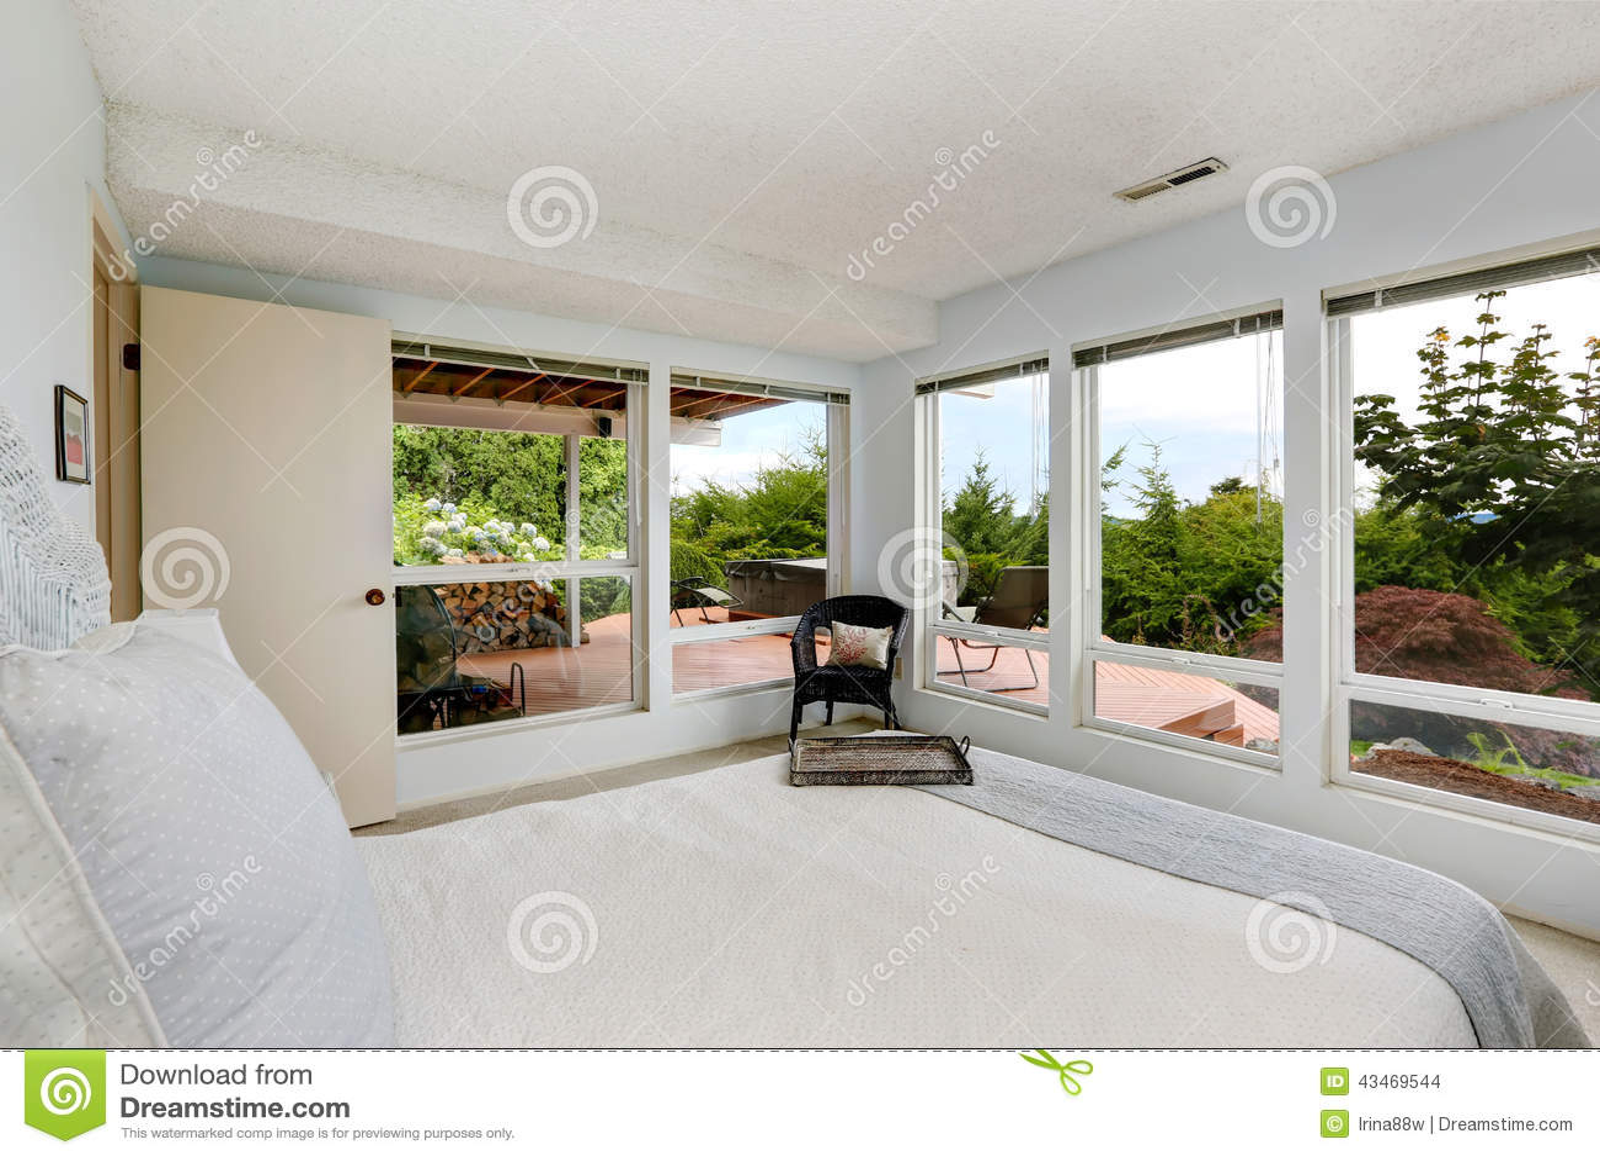 Camera Da Letto Con Parete Obliqua : Bella camera da letto bianca con la parete di vetro